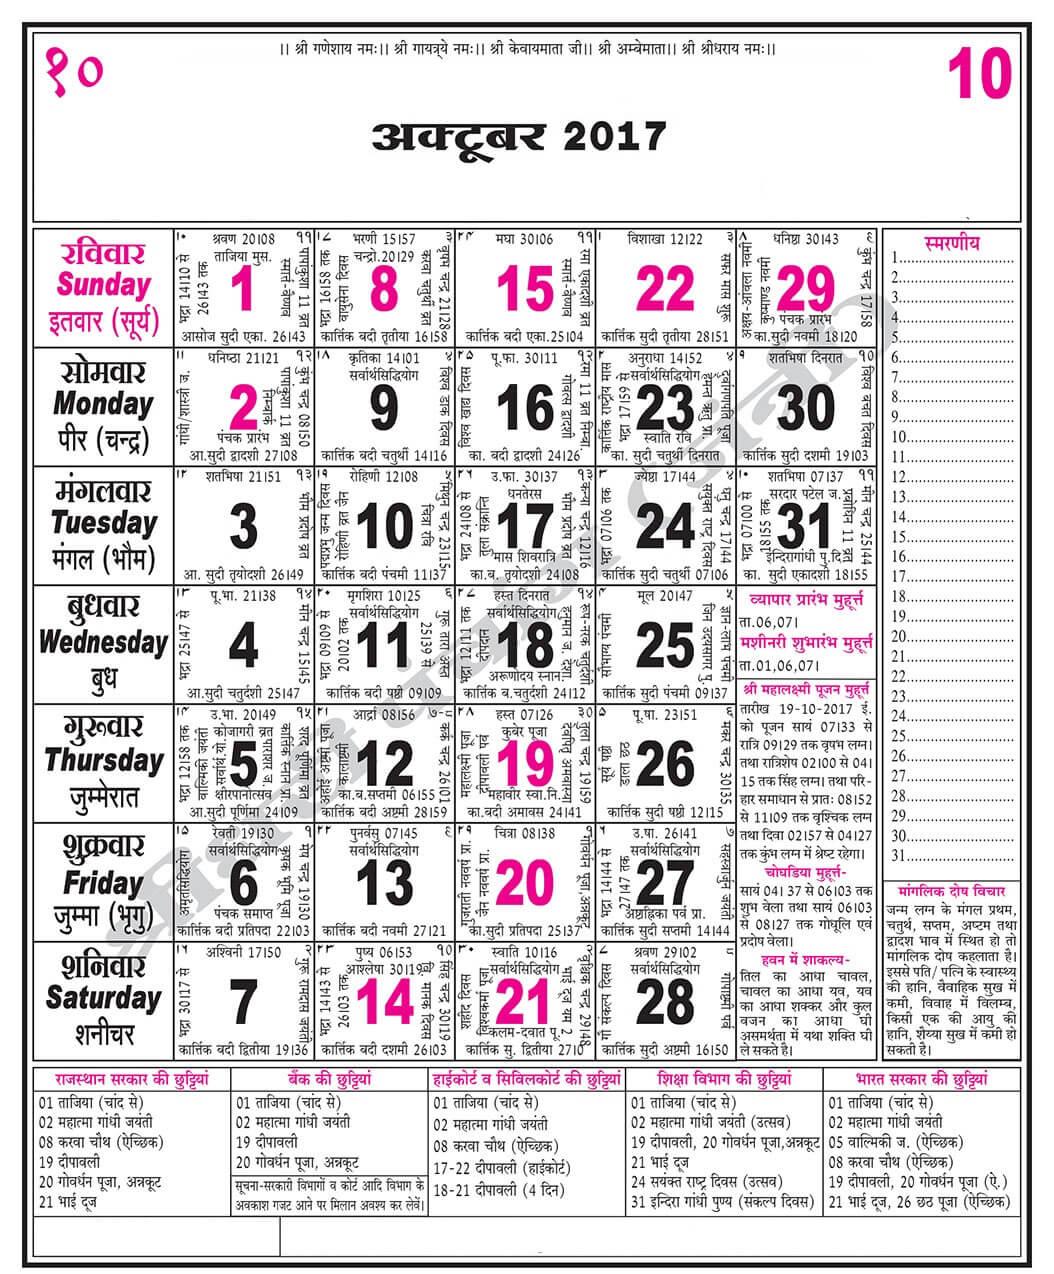 Hindu | 2019 Calendar Printable 2018 Download 2017 Calendars